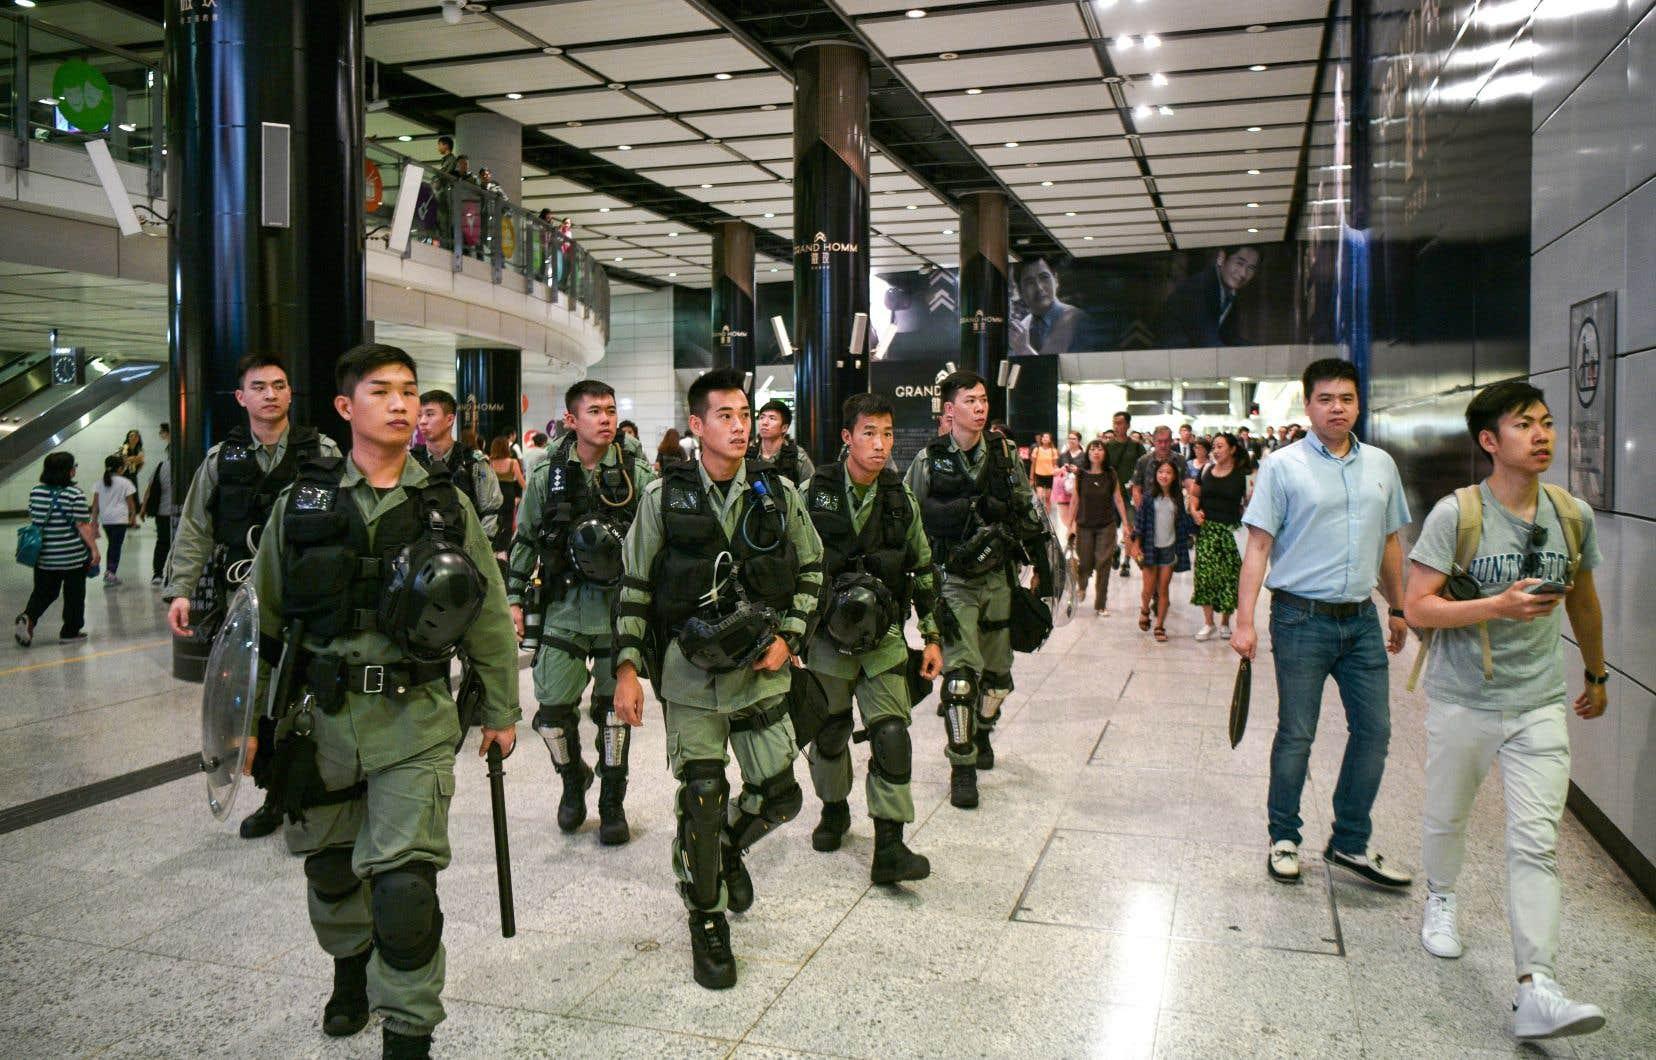 Des policiers ont aussi été déployés dans le métro afin que les manifestants ne perturbent pas le trafic autour de l'aéroport.